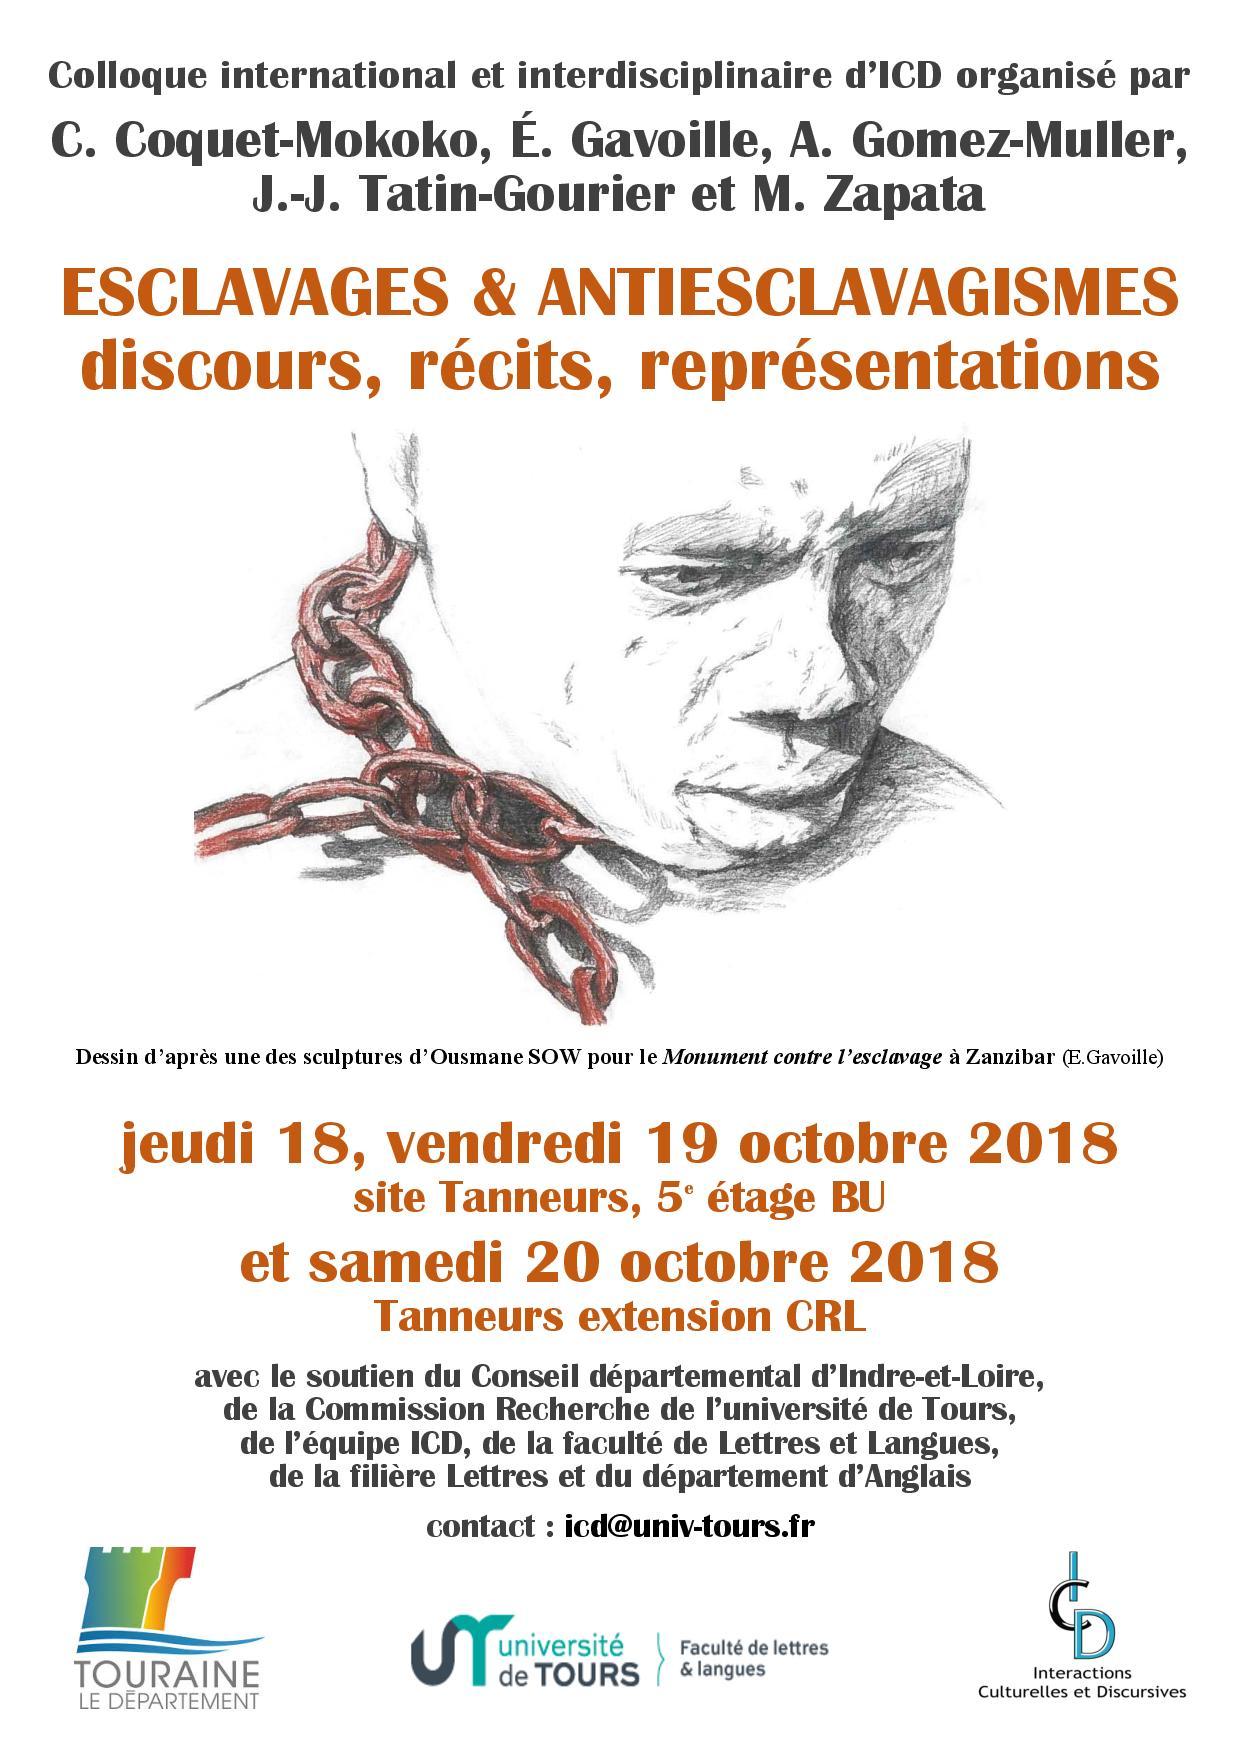 Esclavages & antiesclavagismes - Affiche